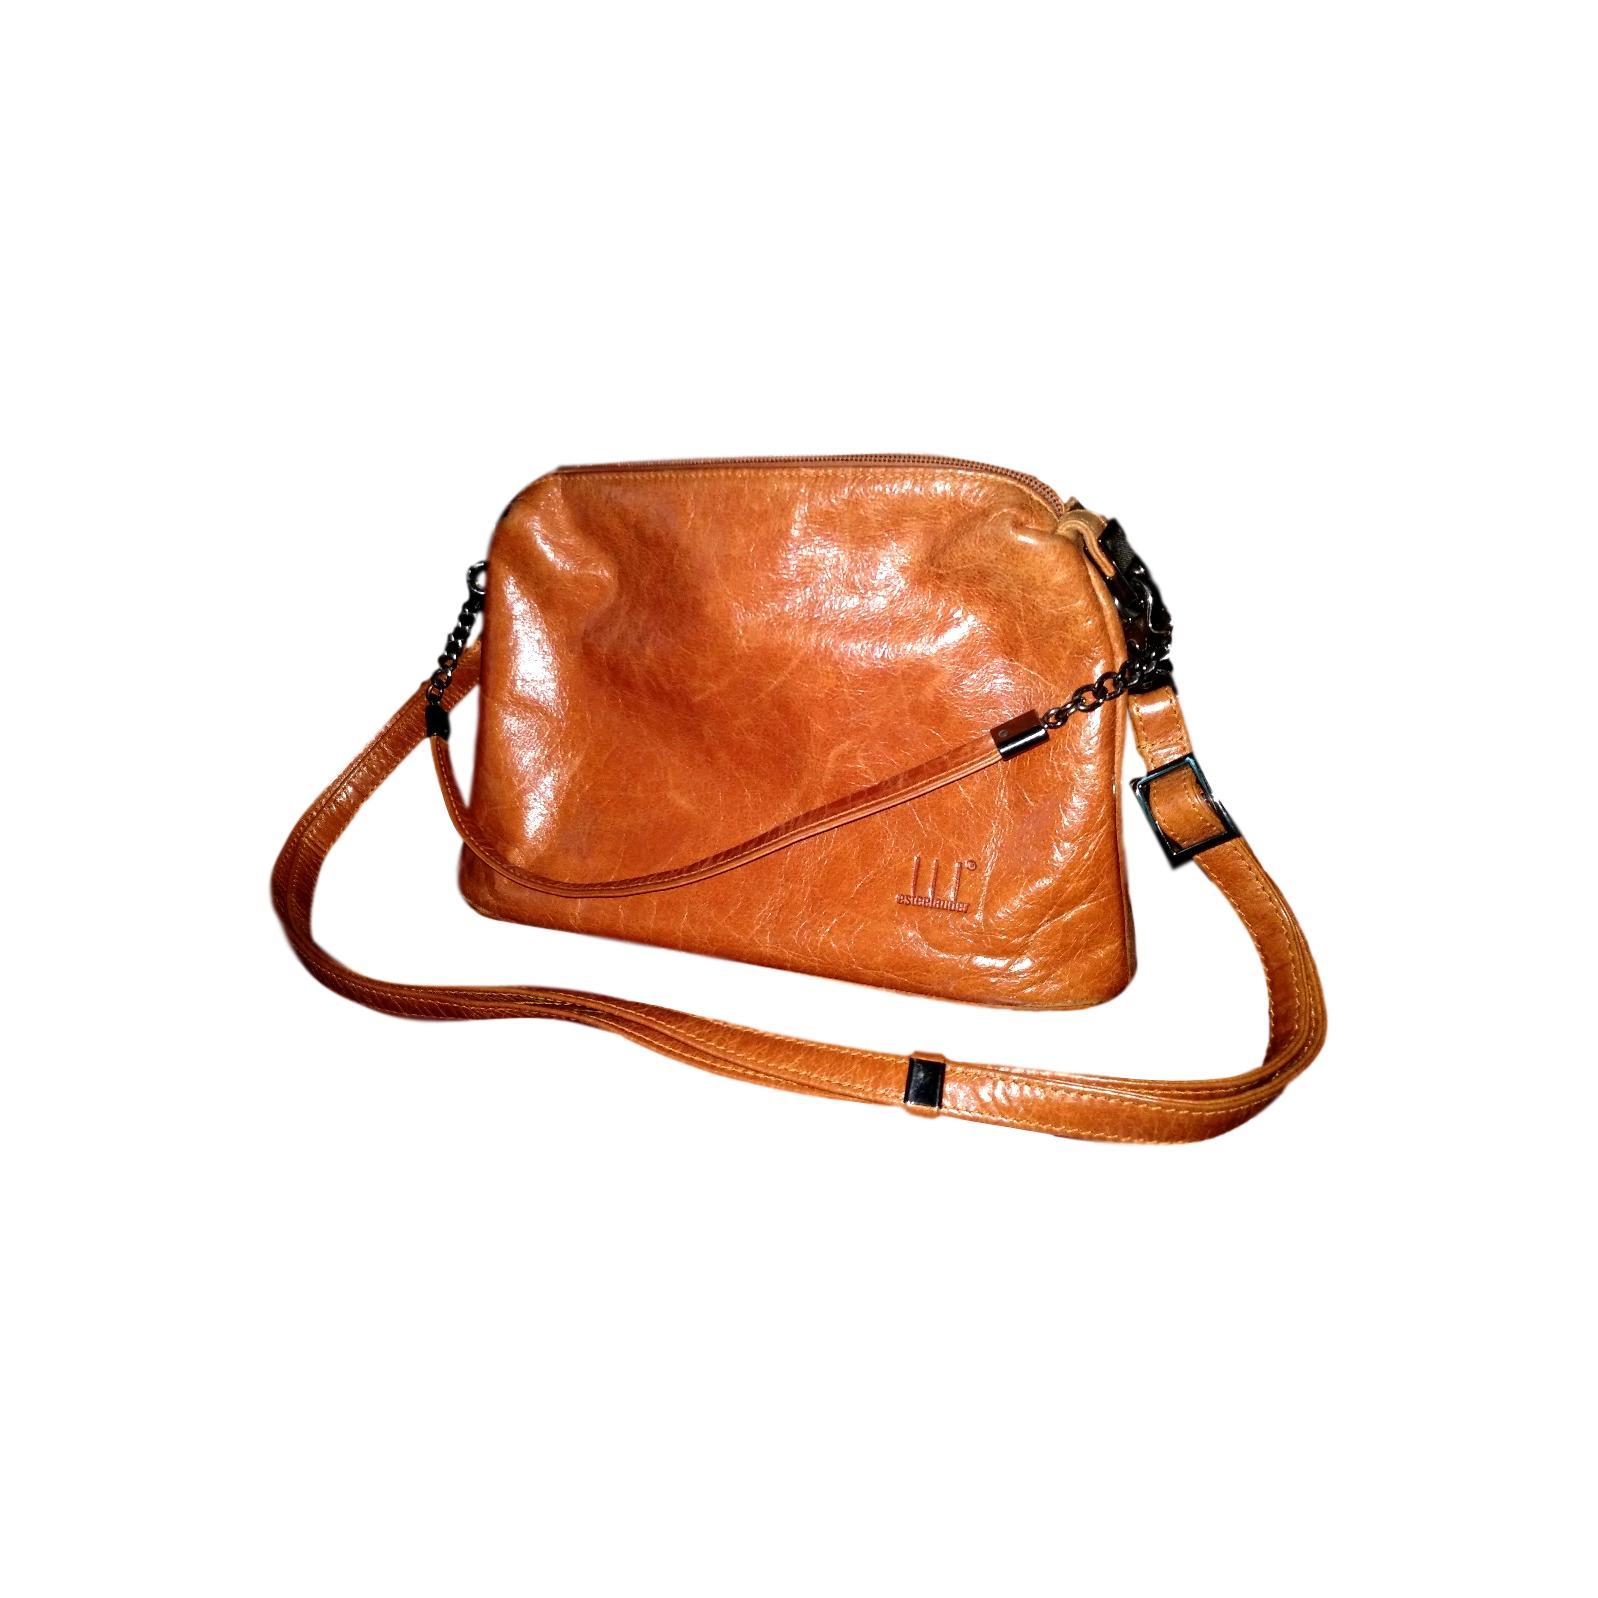 ece3d00c1645 Купить деловую сумку Est_e Lauder за 5000 руб. в интернет магазине ...